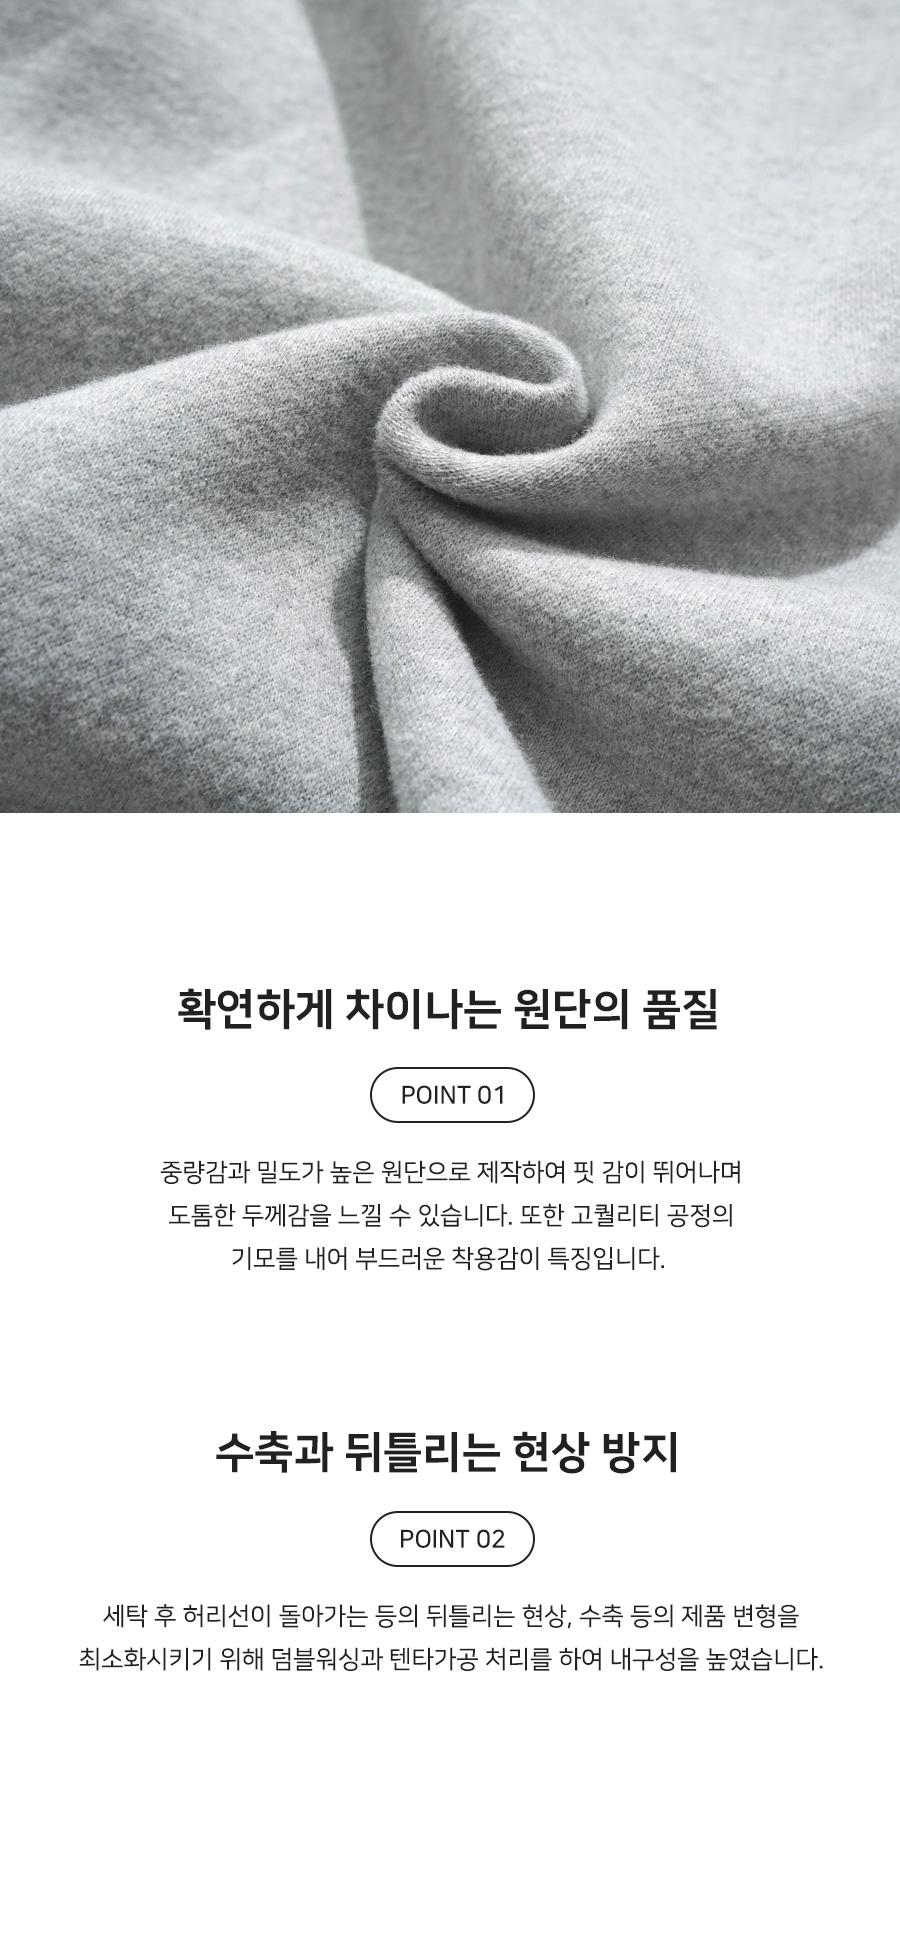 4441_info_gray_bj.jpg